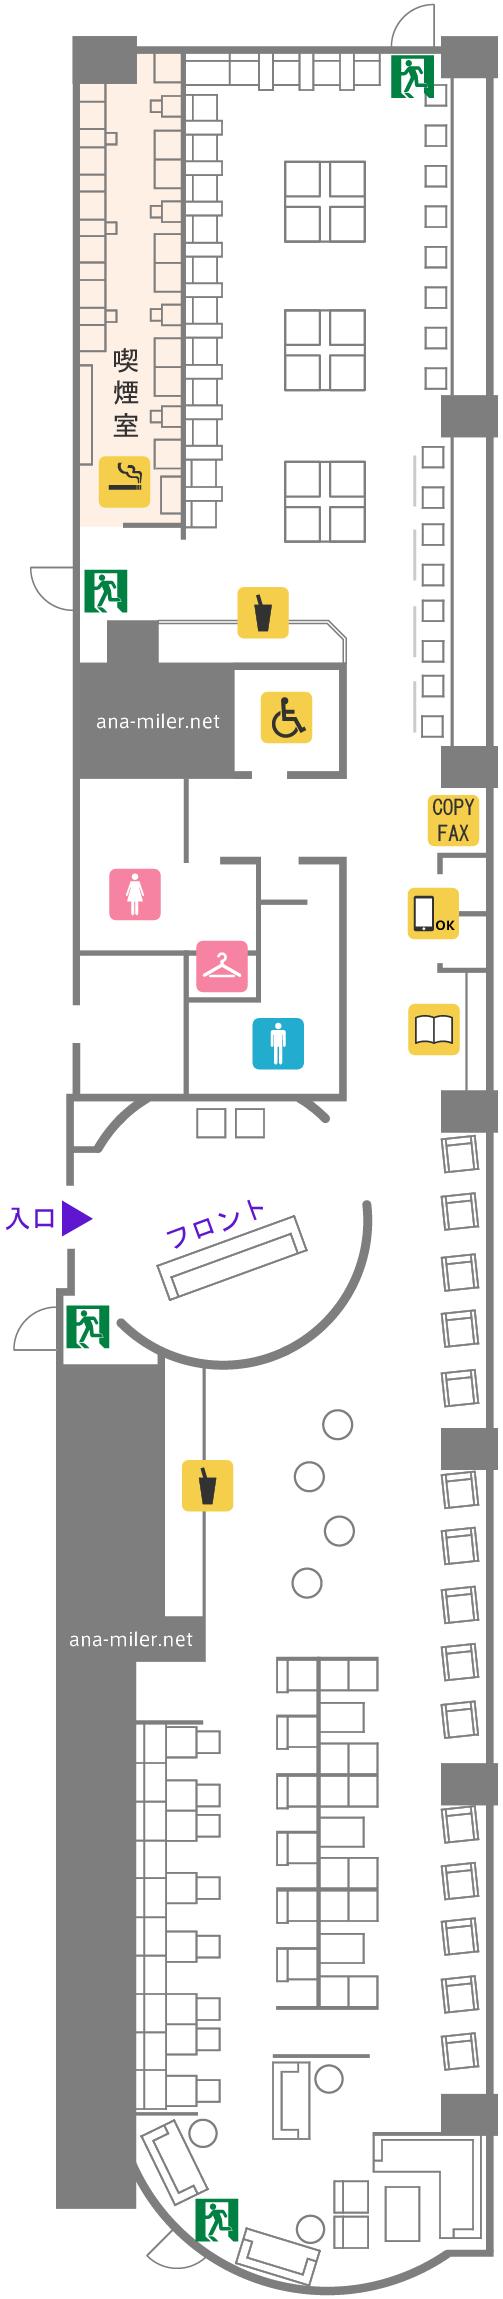 伊丹空港ラウンジオーサカのフロアマップ